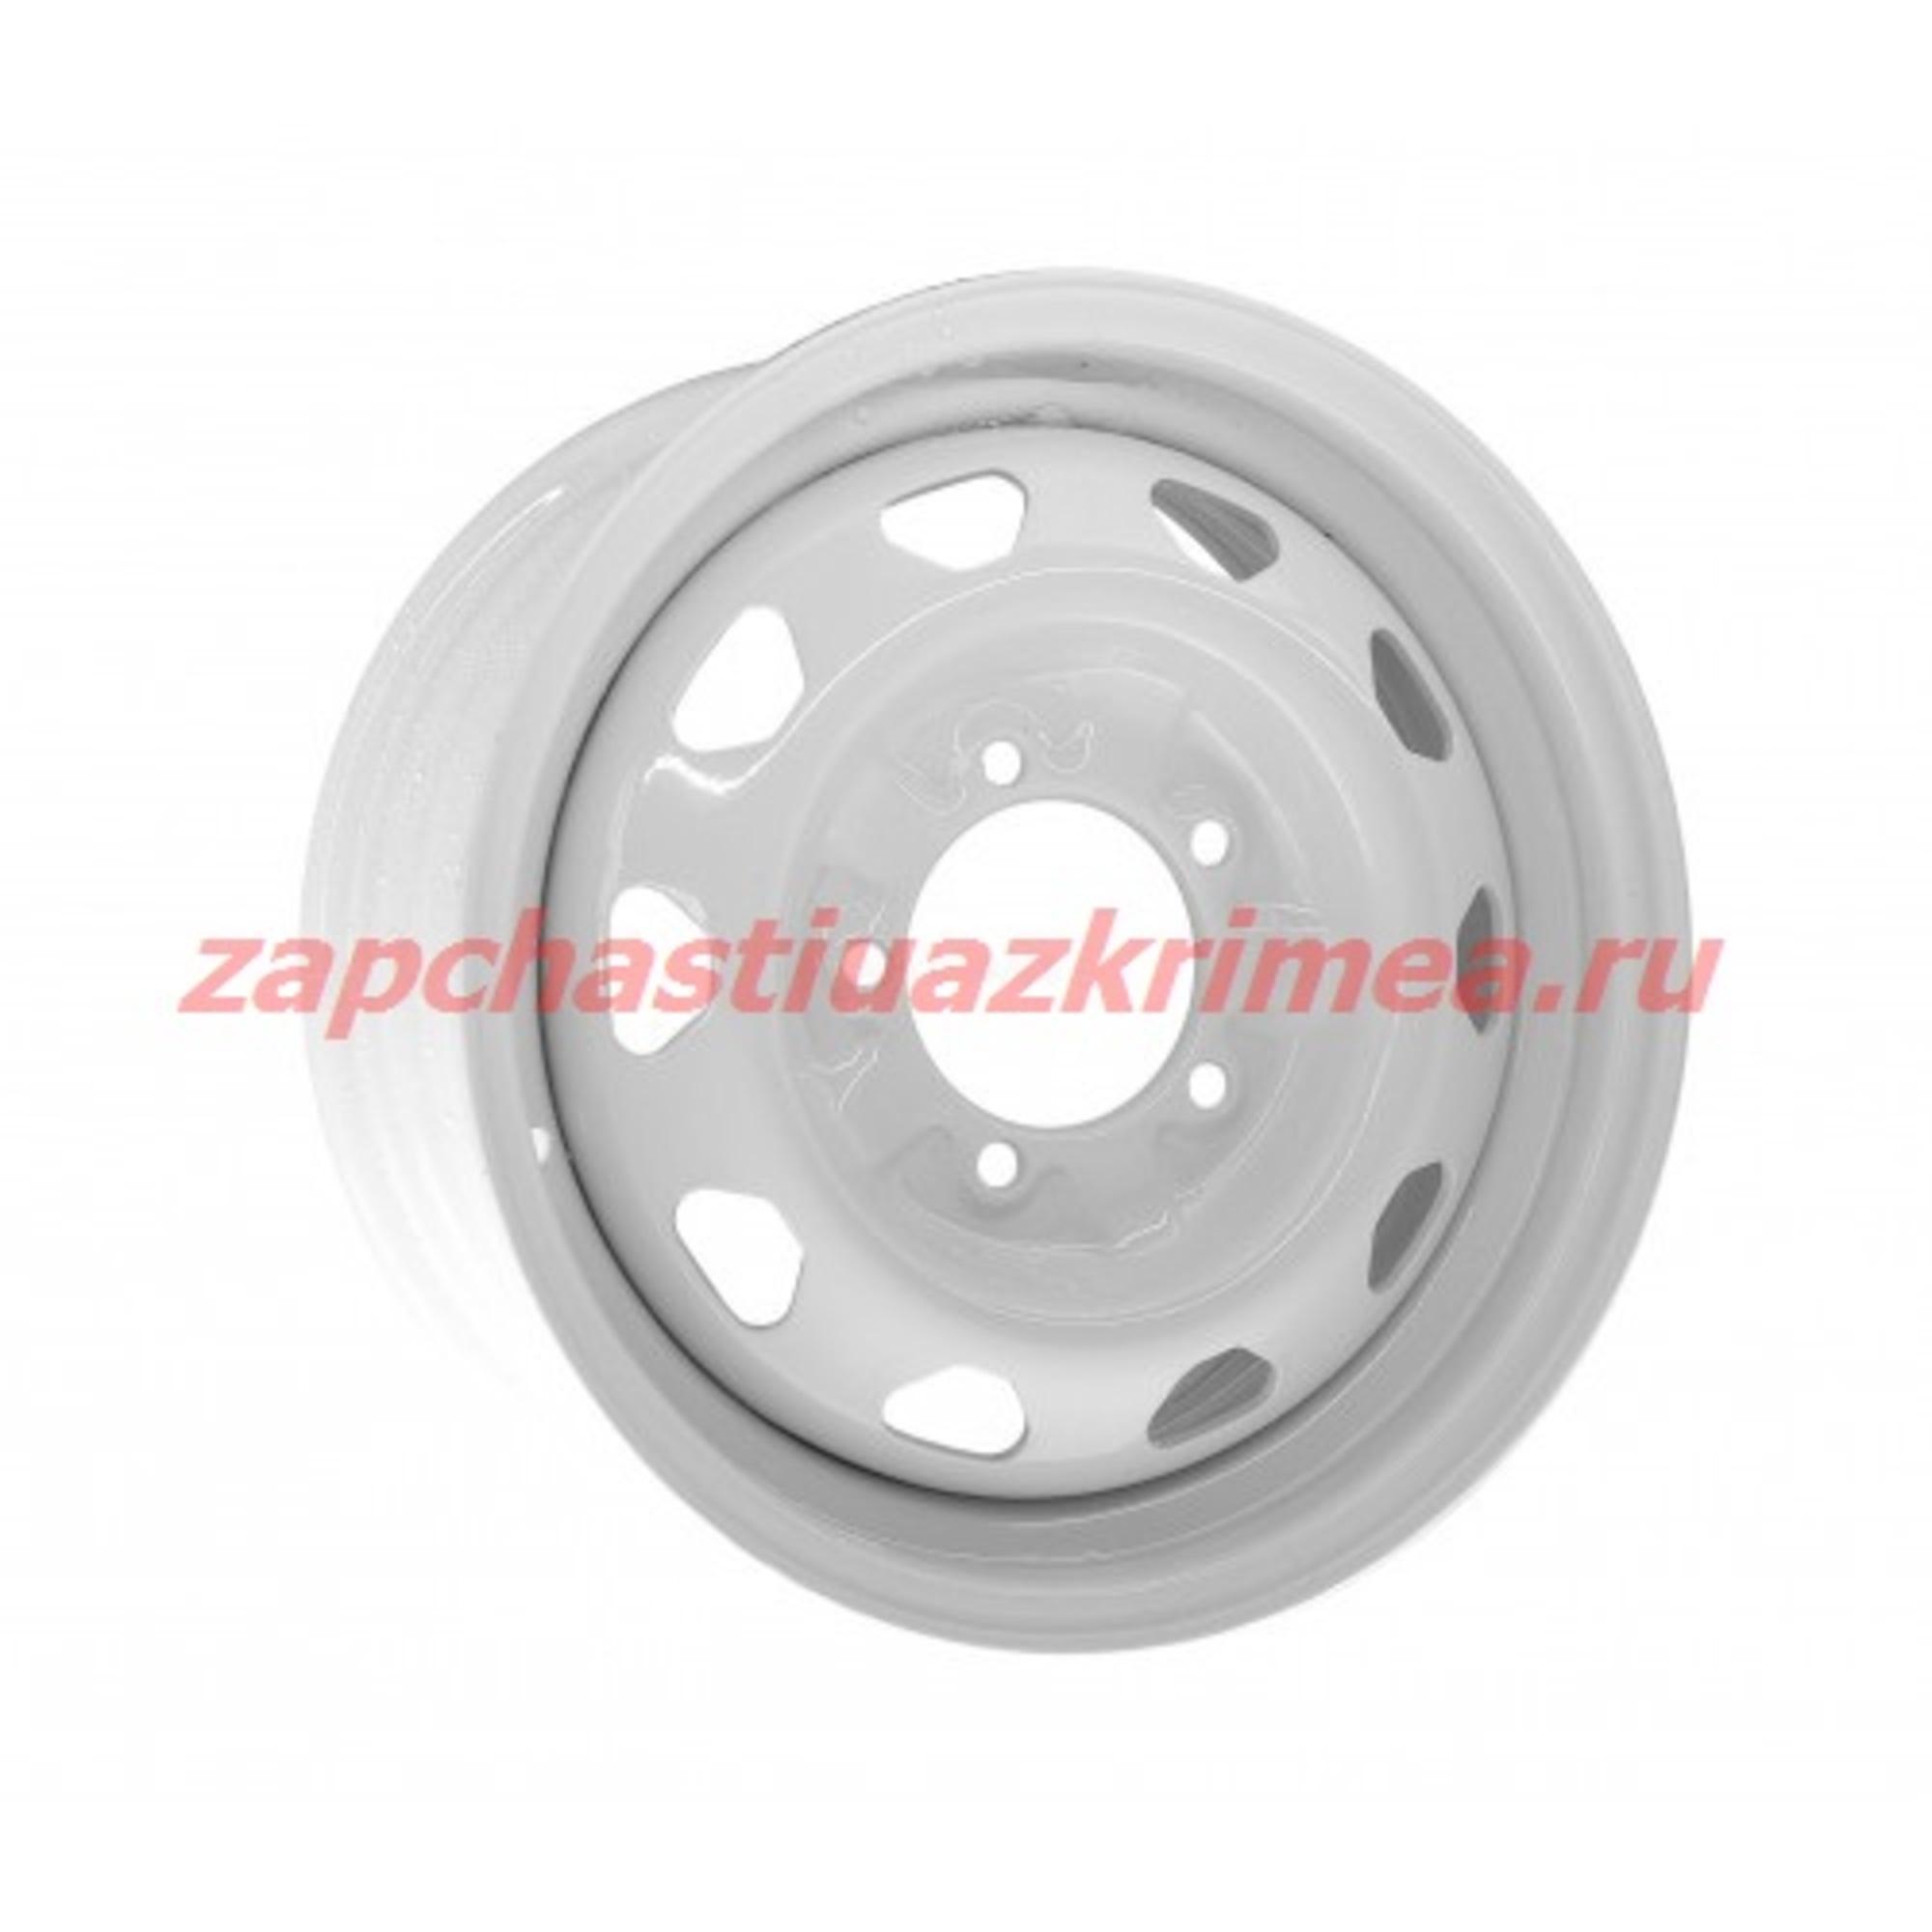 Диск колеса R16 (белый) Кременчуг 3160-3101015